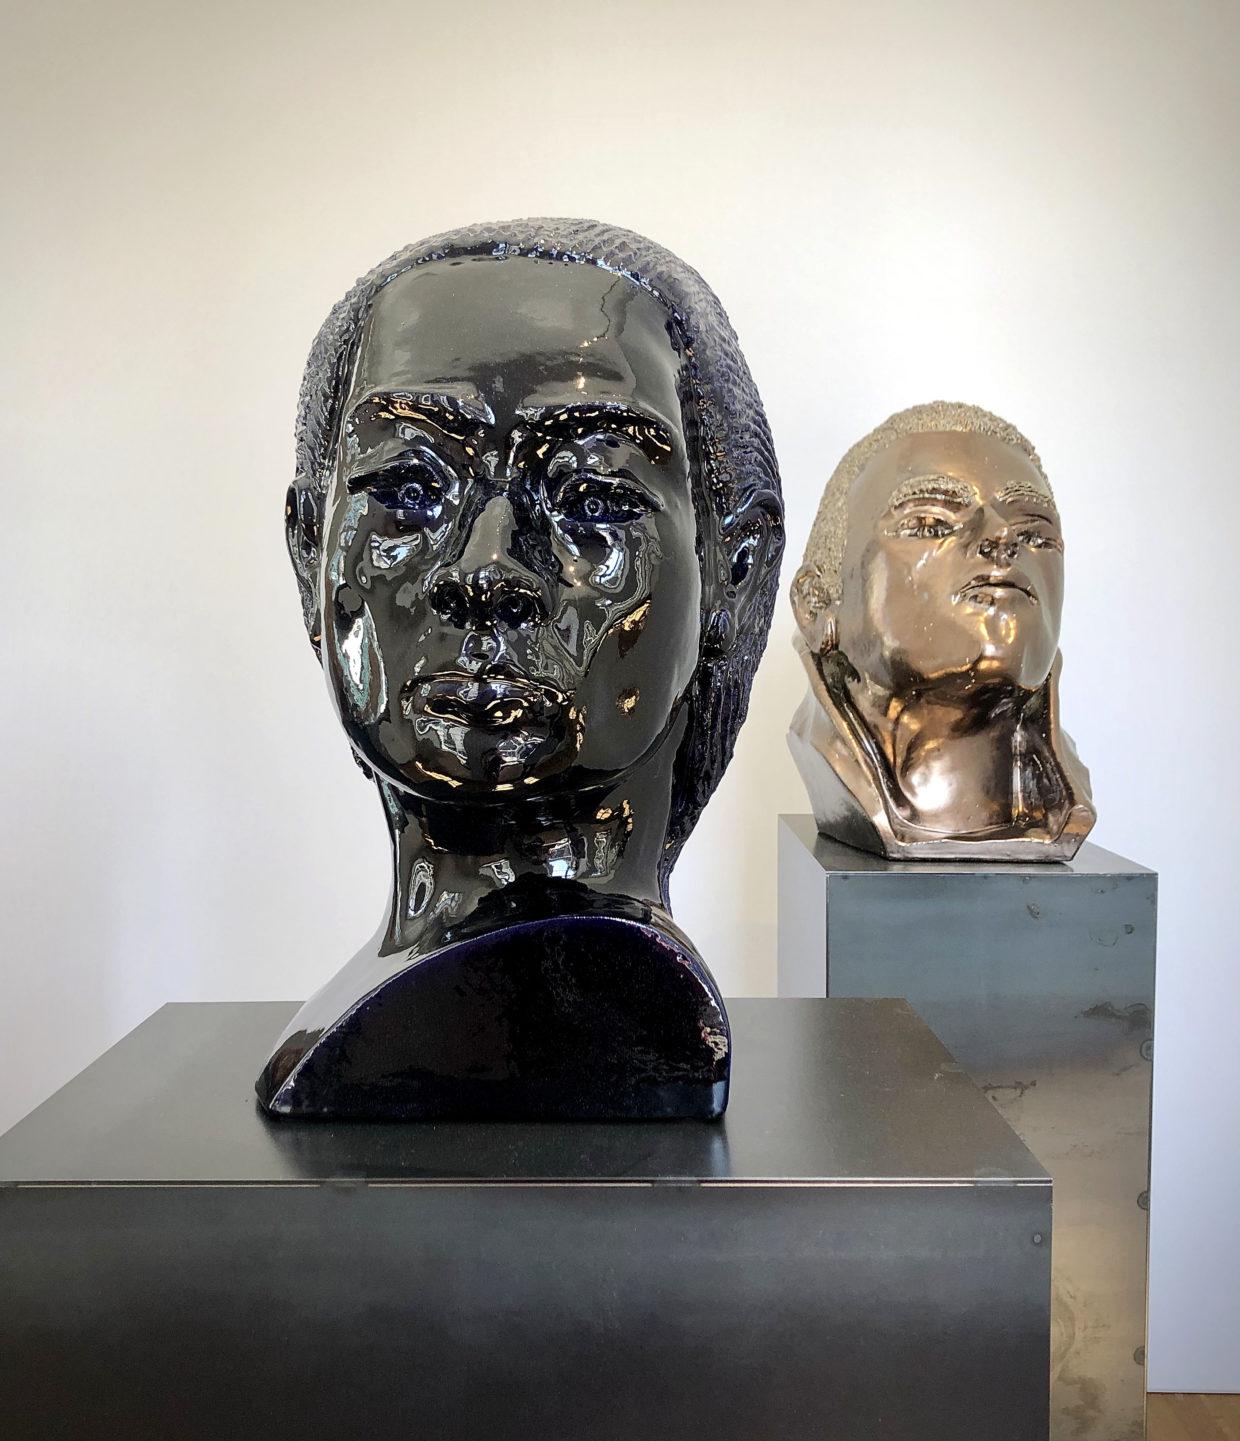 Dieses Bild zeigt eine dunkelblau schimmernde Frauenbüste aus Keramik und einen vollplastischen Männerkopf in goldener Farbe.